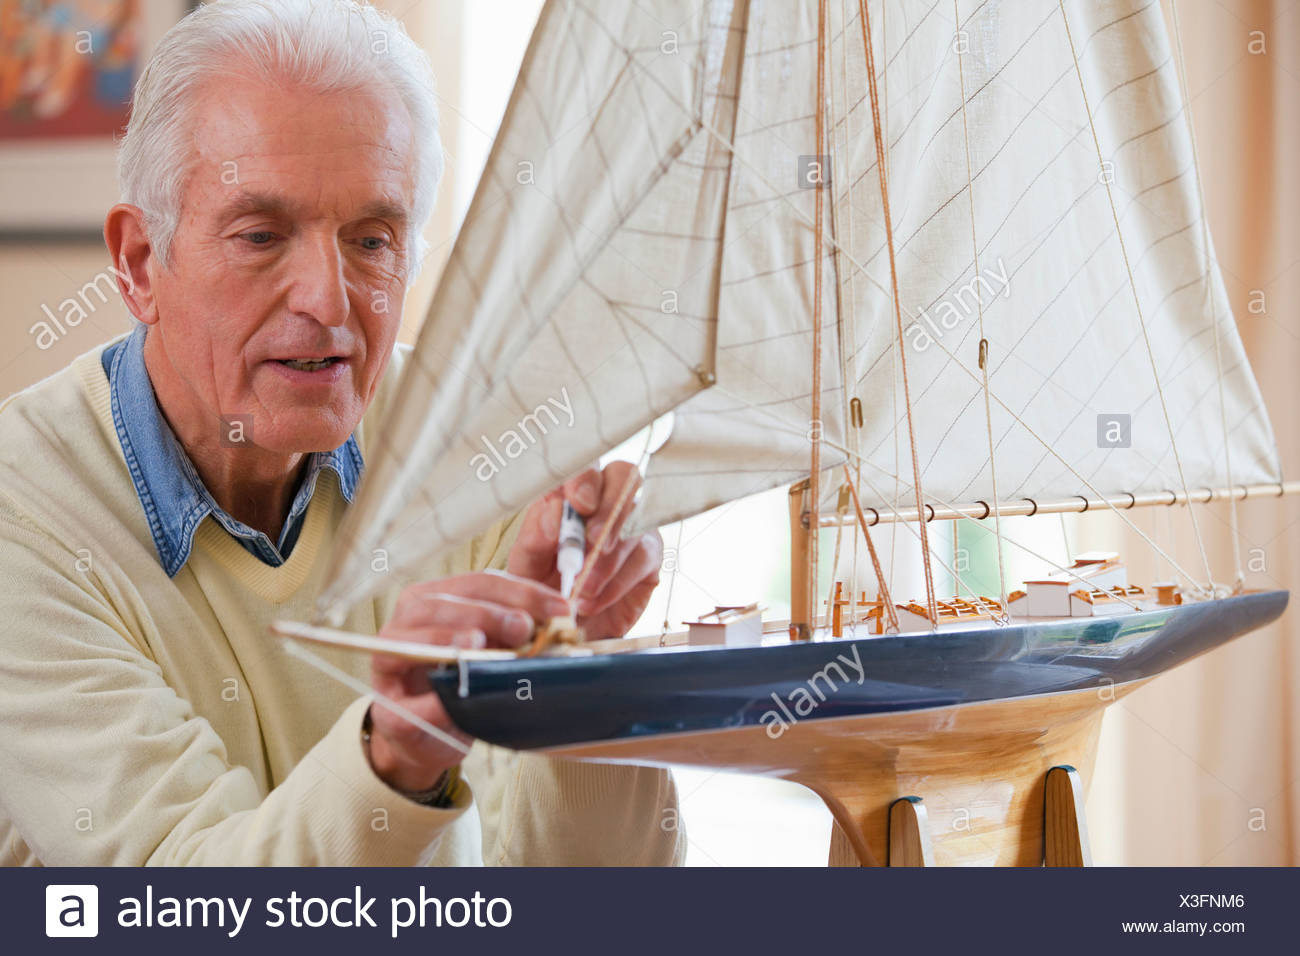 Senior Woman Modell Segelboot Kleber zuweisen Stockbild